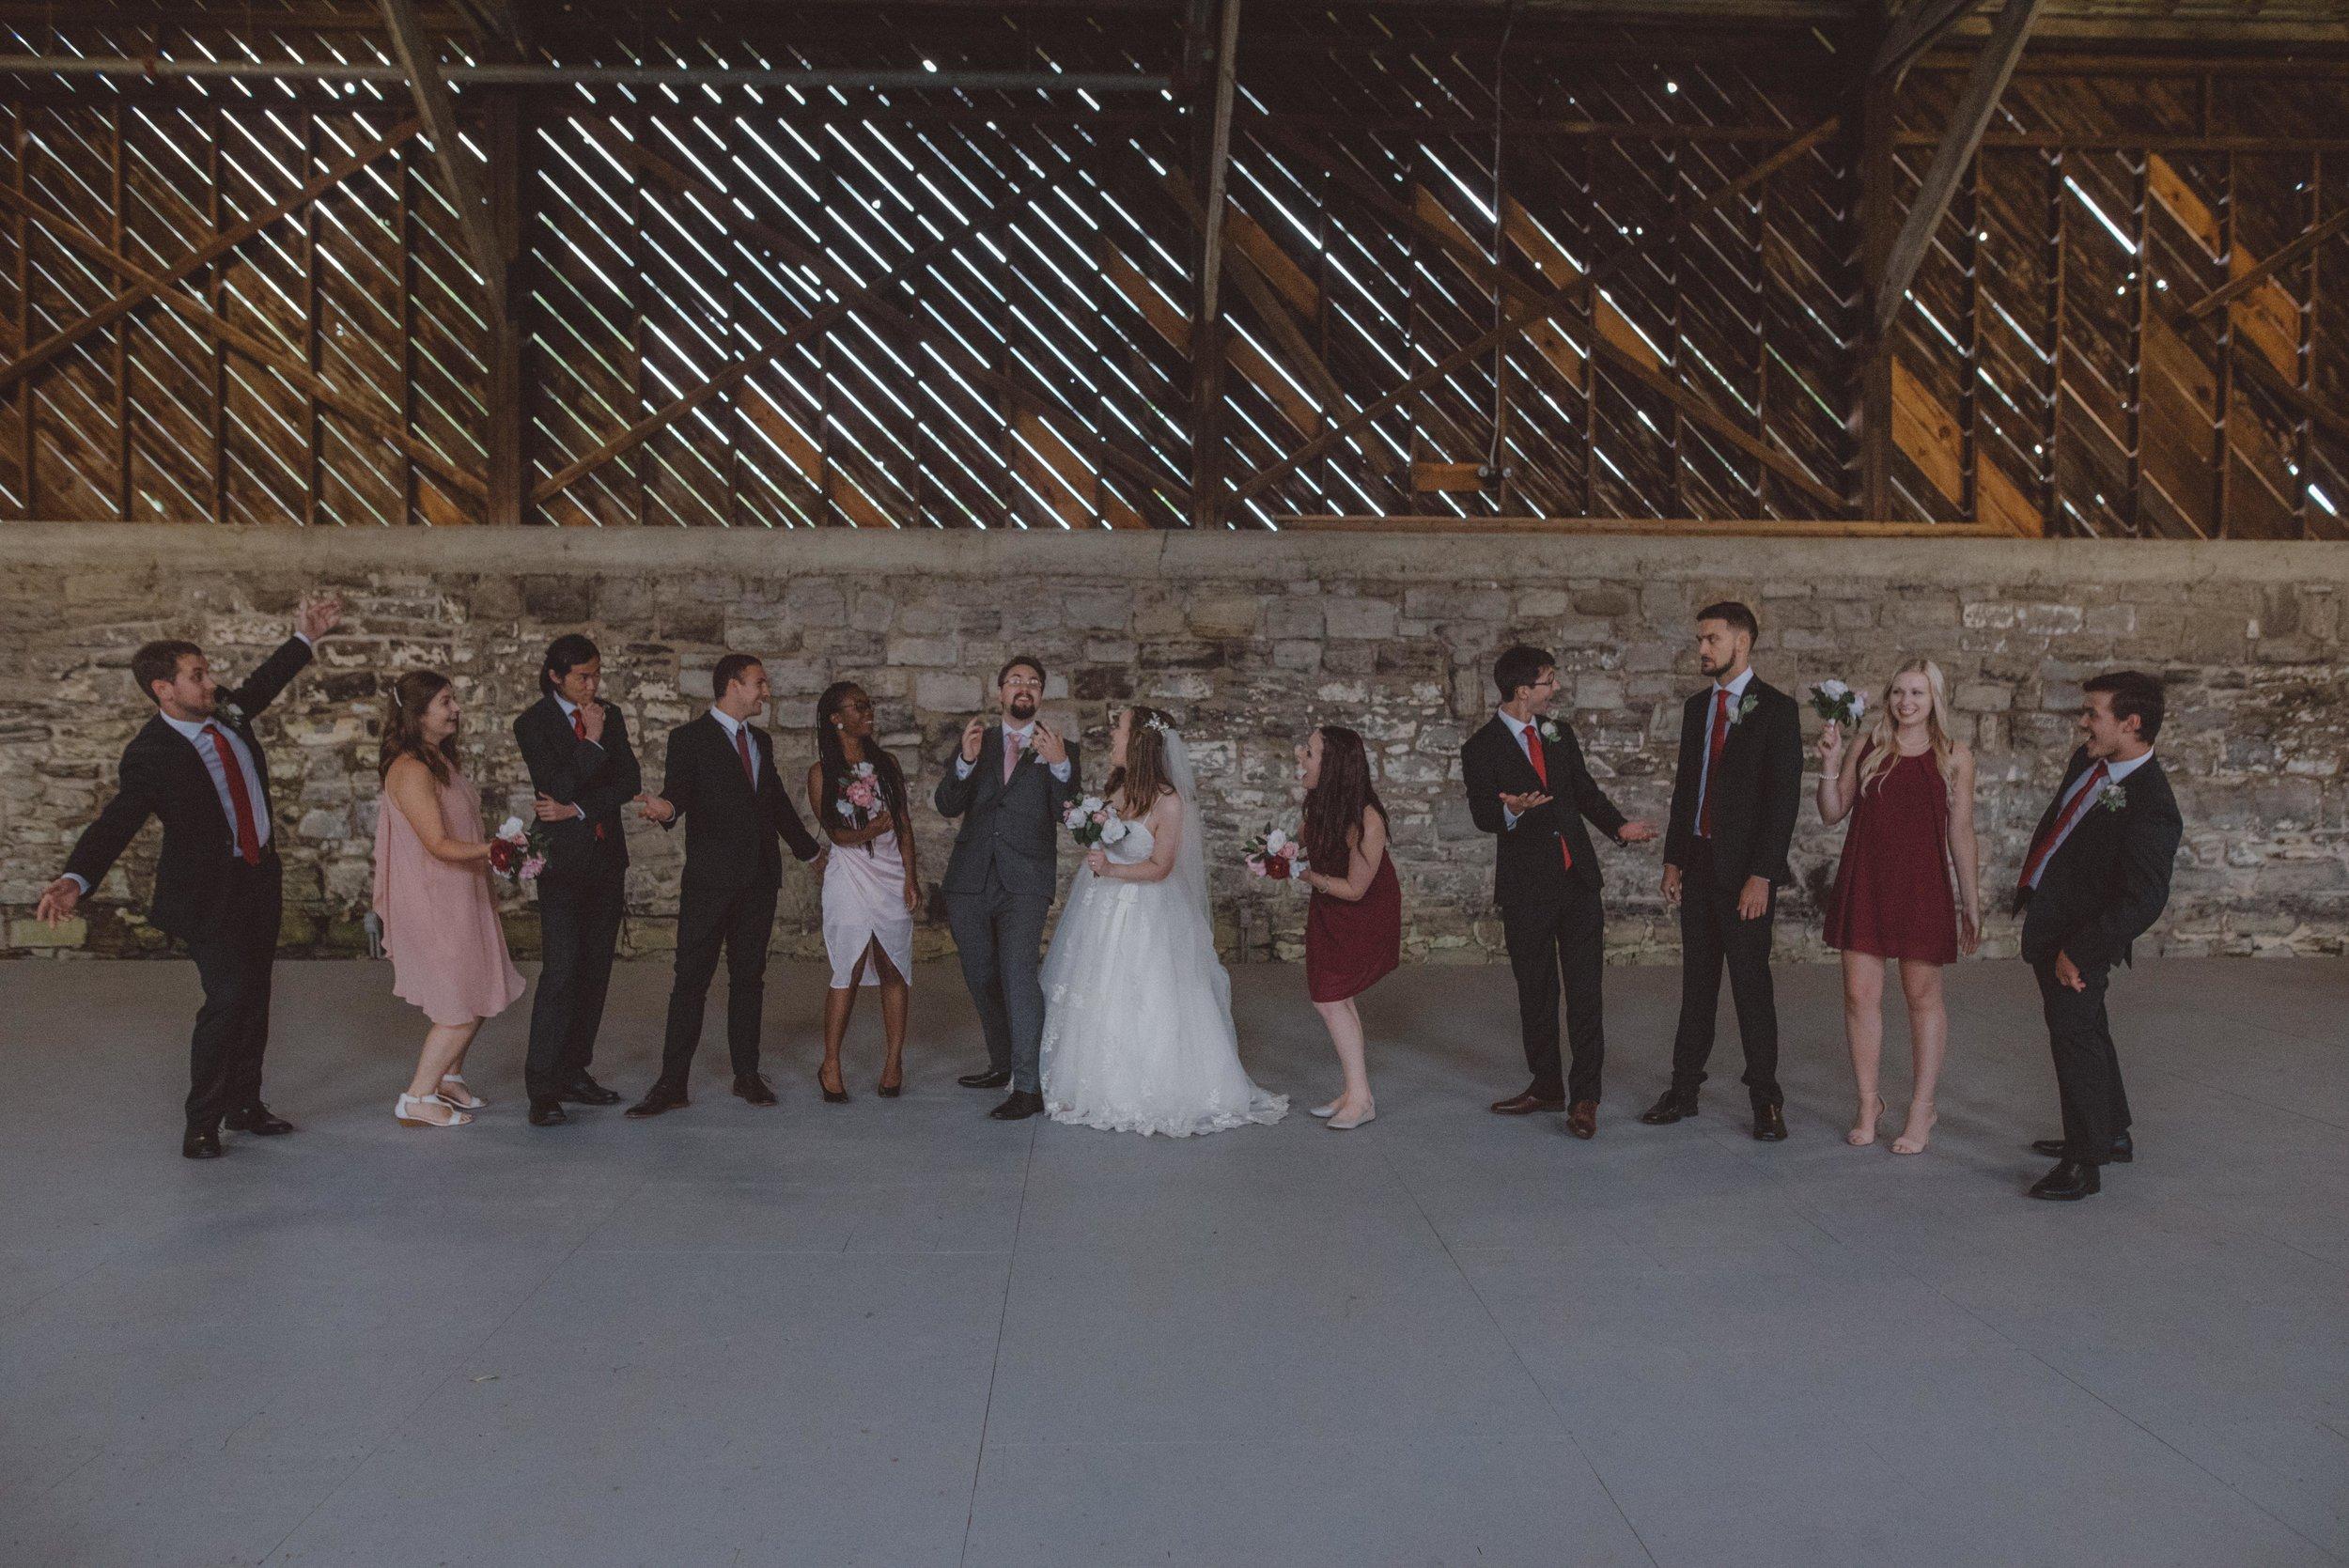 wedding_photographer_lifestyle_documentary_photographe_ottawa_gatineau-4.jpg